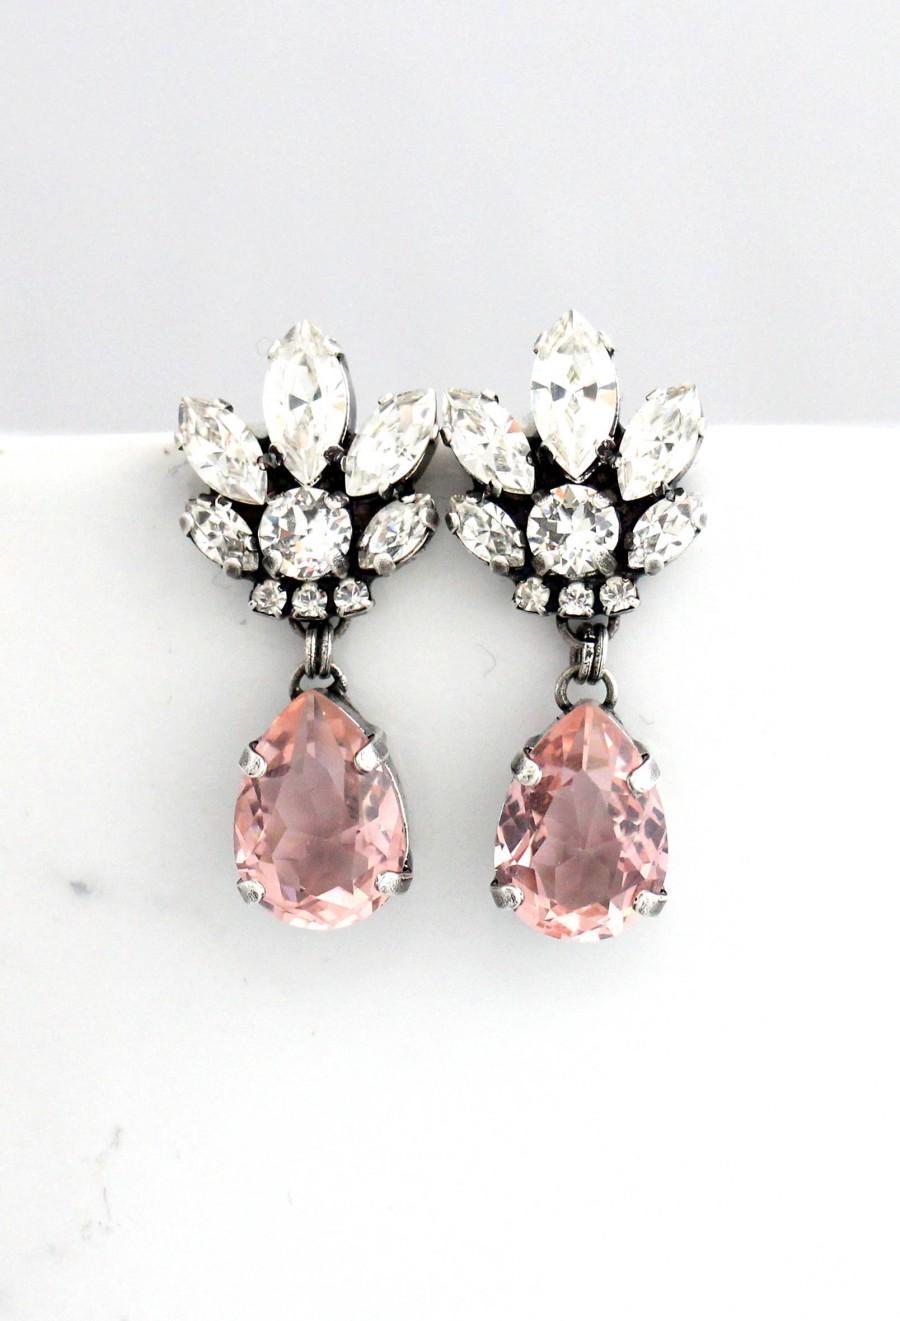 Wedding - Bridal Chandeliers, Blush Chandelier, Morganite Earrings, Bridal Earrings, Rose Gold Bridal Earrings, Bridal Peach Drop Earrings